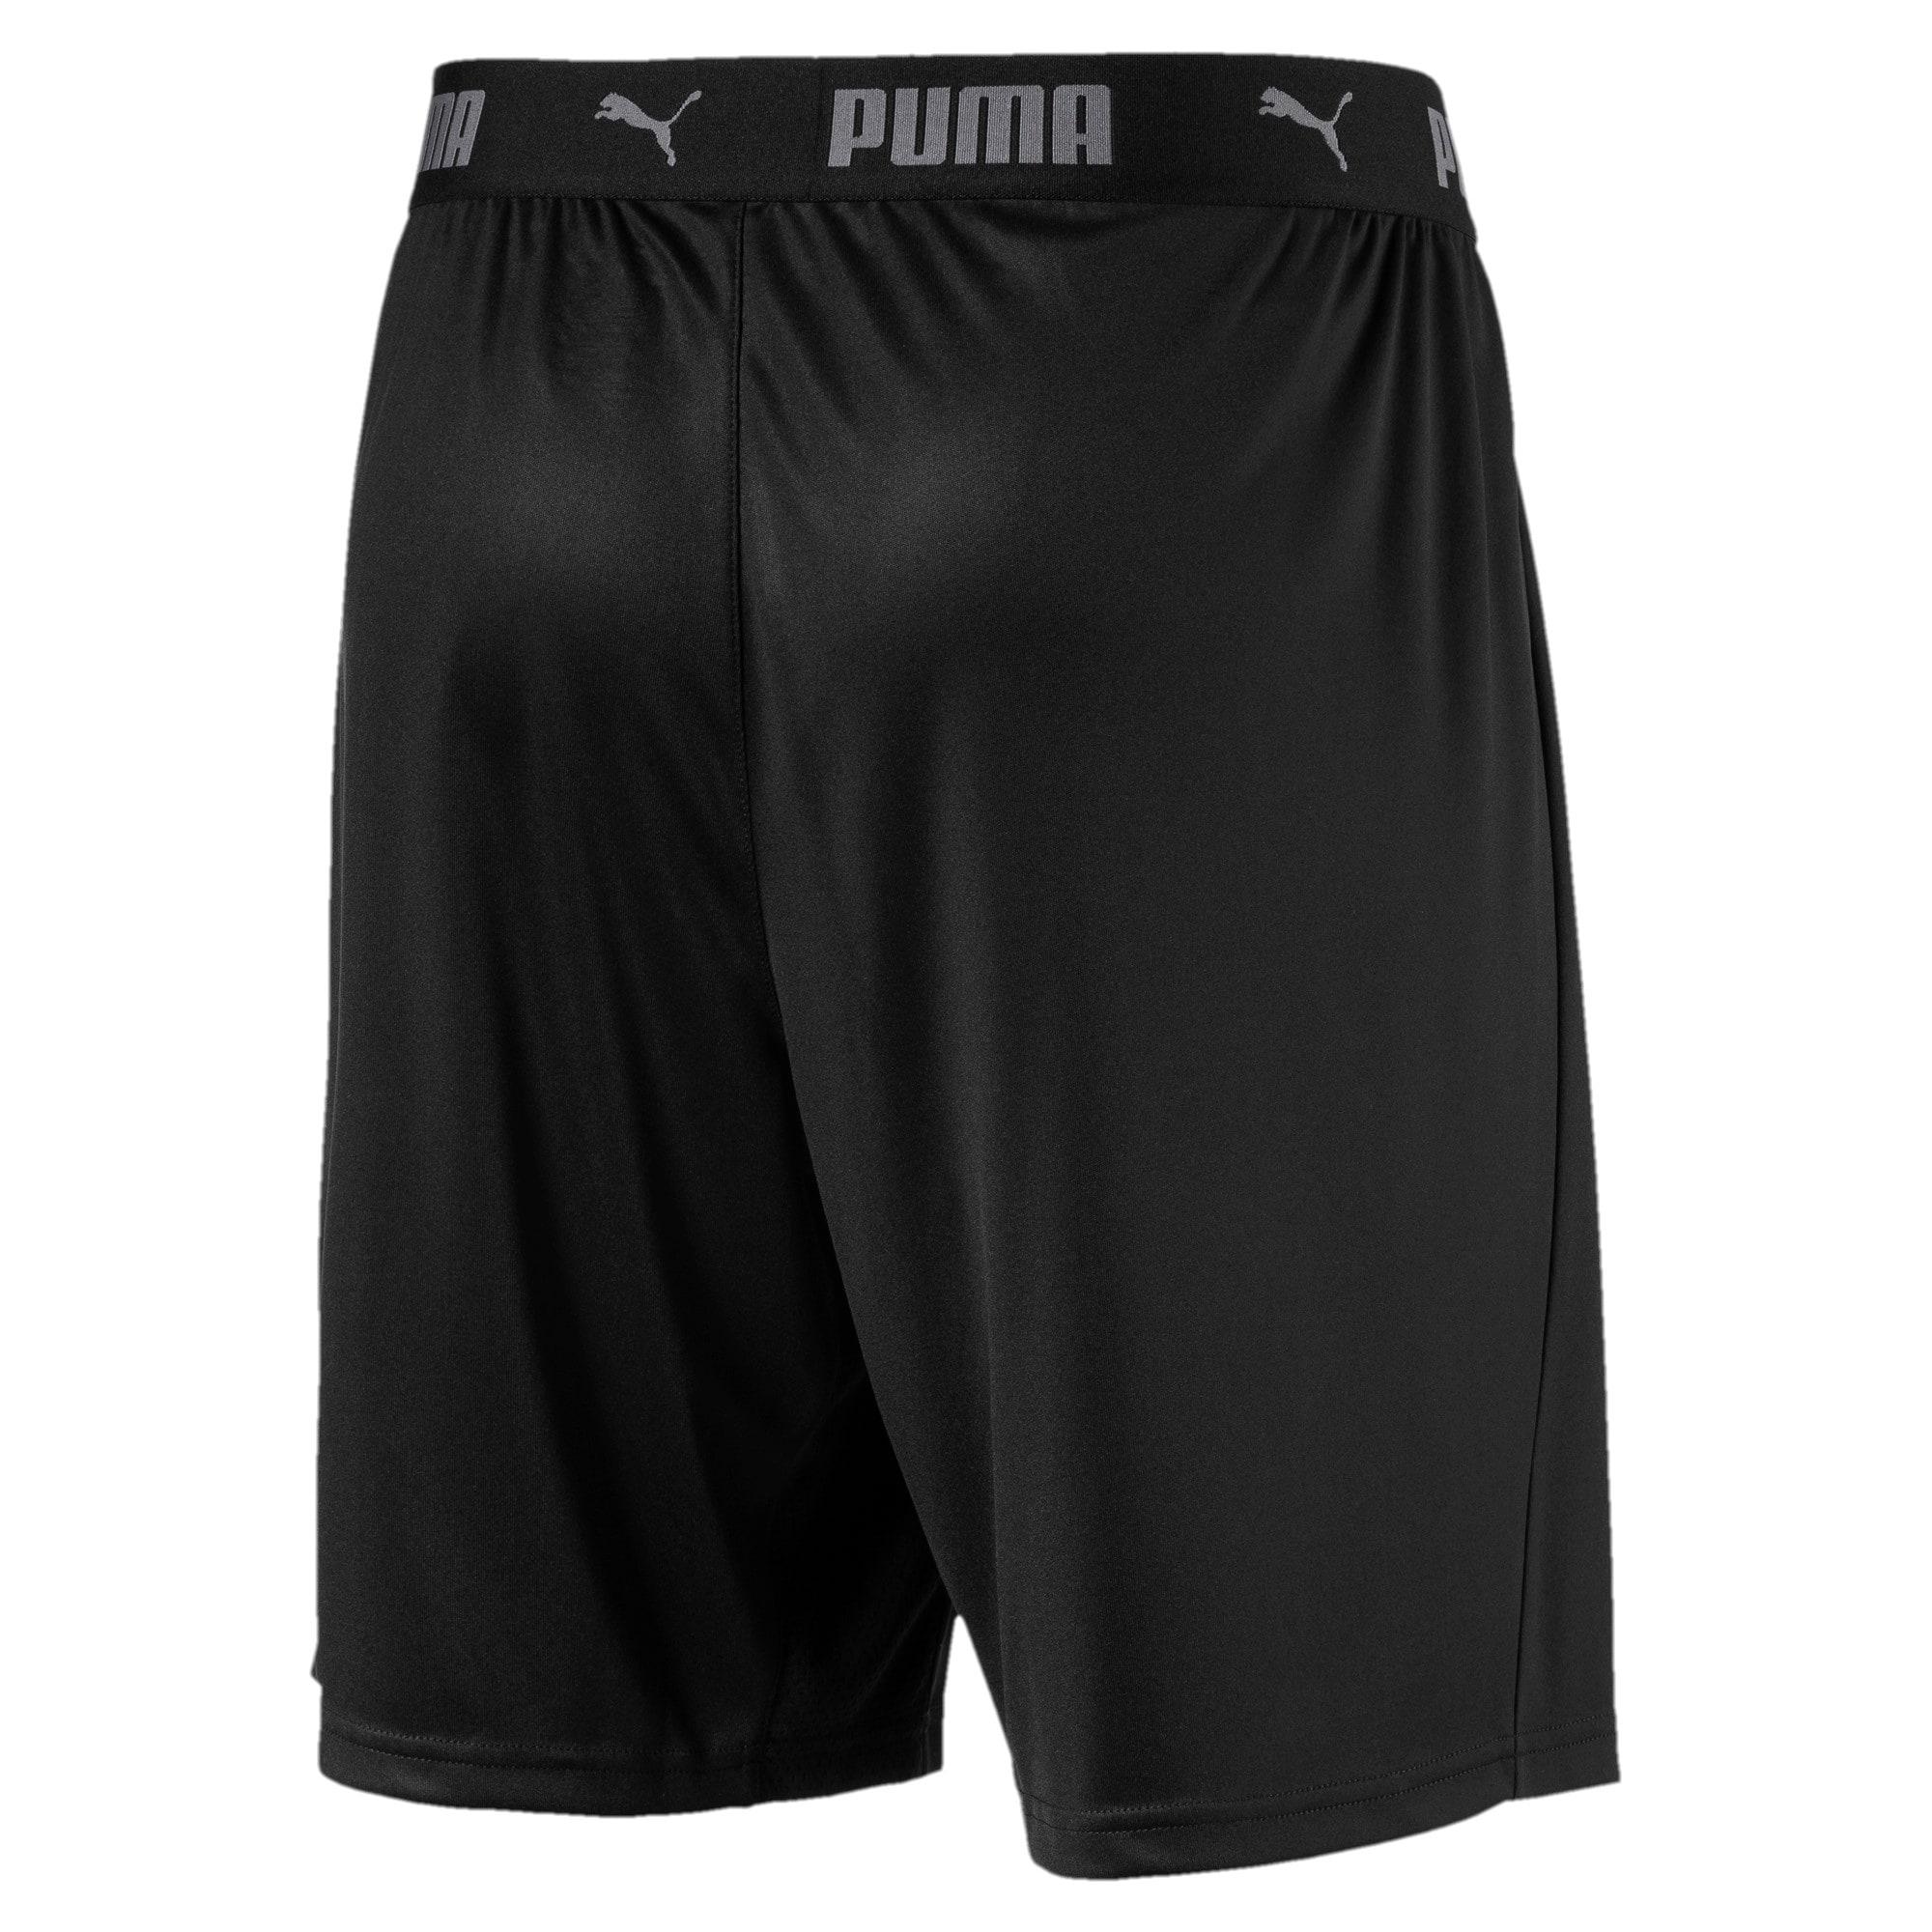 Thumbnail 5 of ftblNXT Men's Shorts, Puma Black, medium